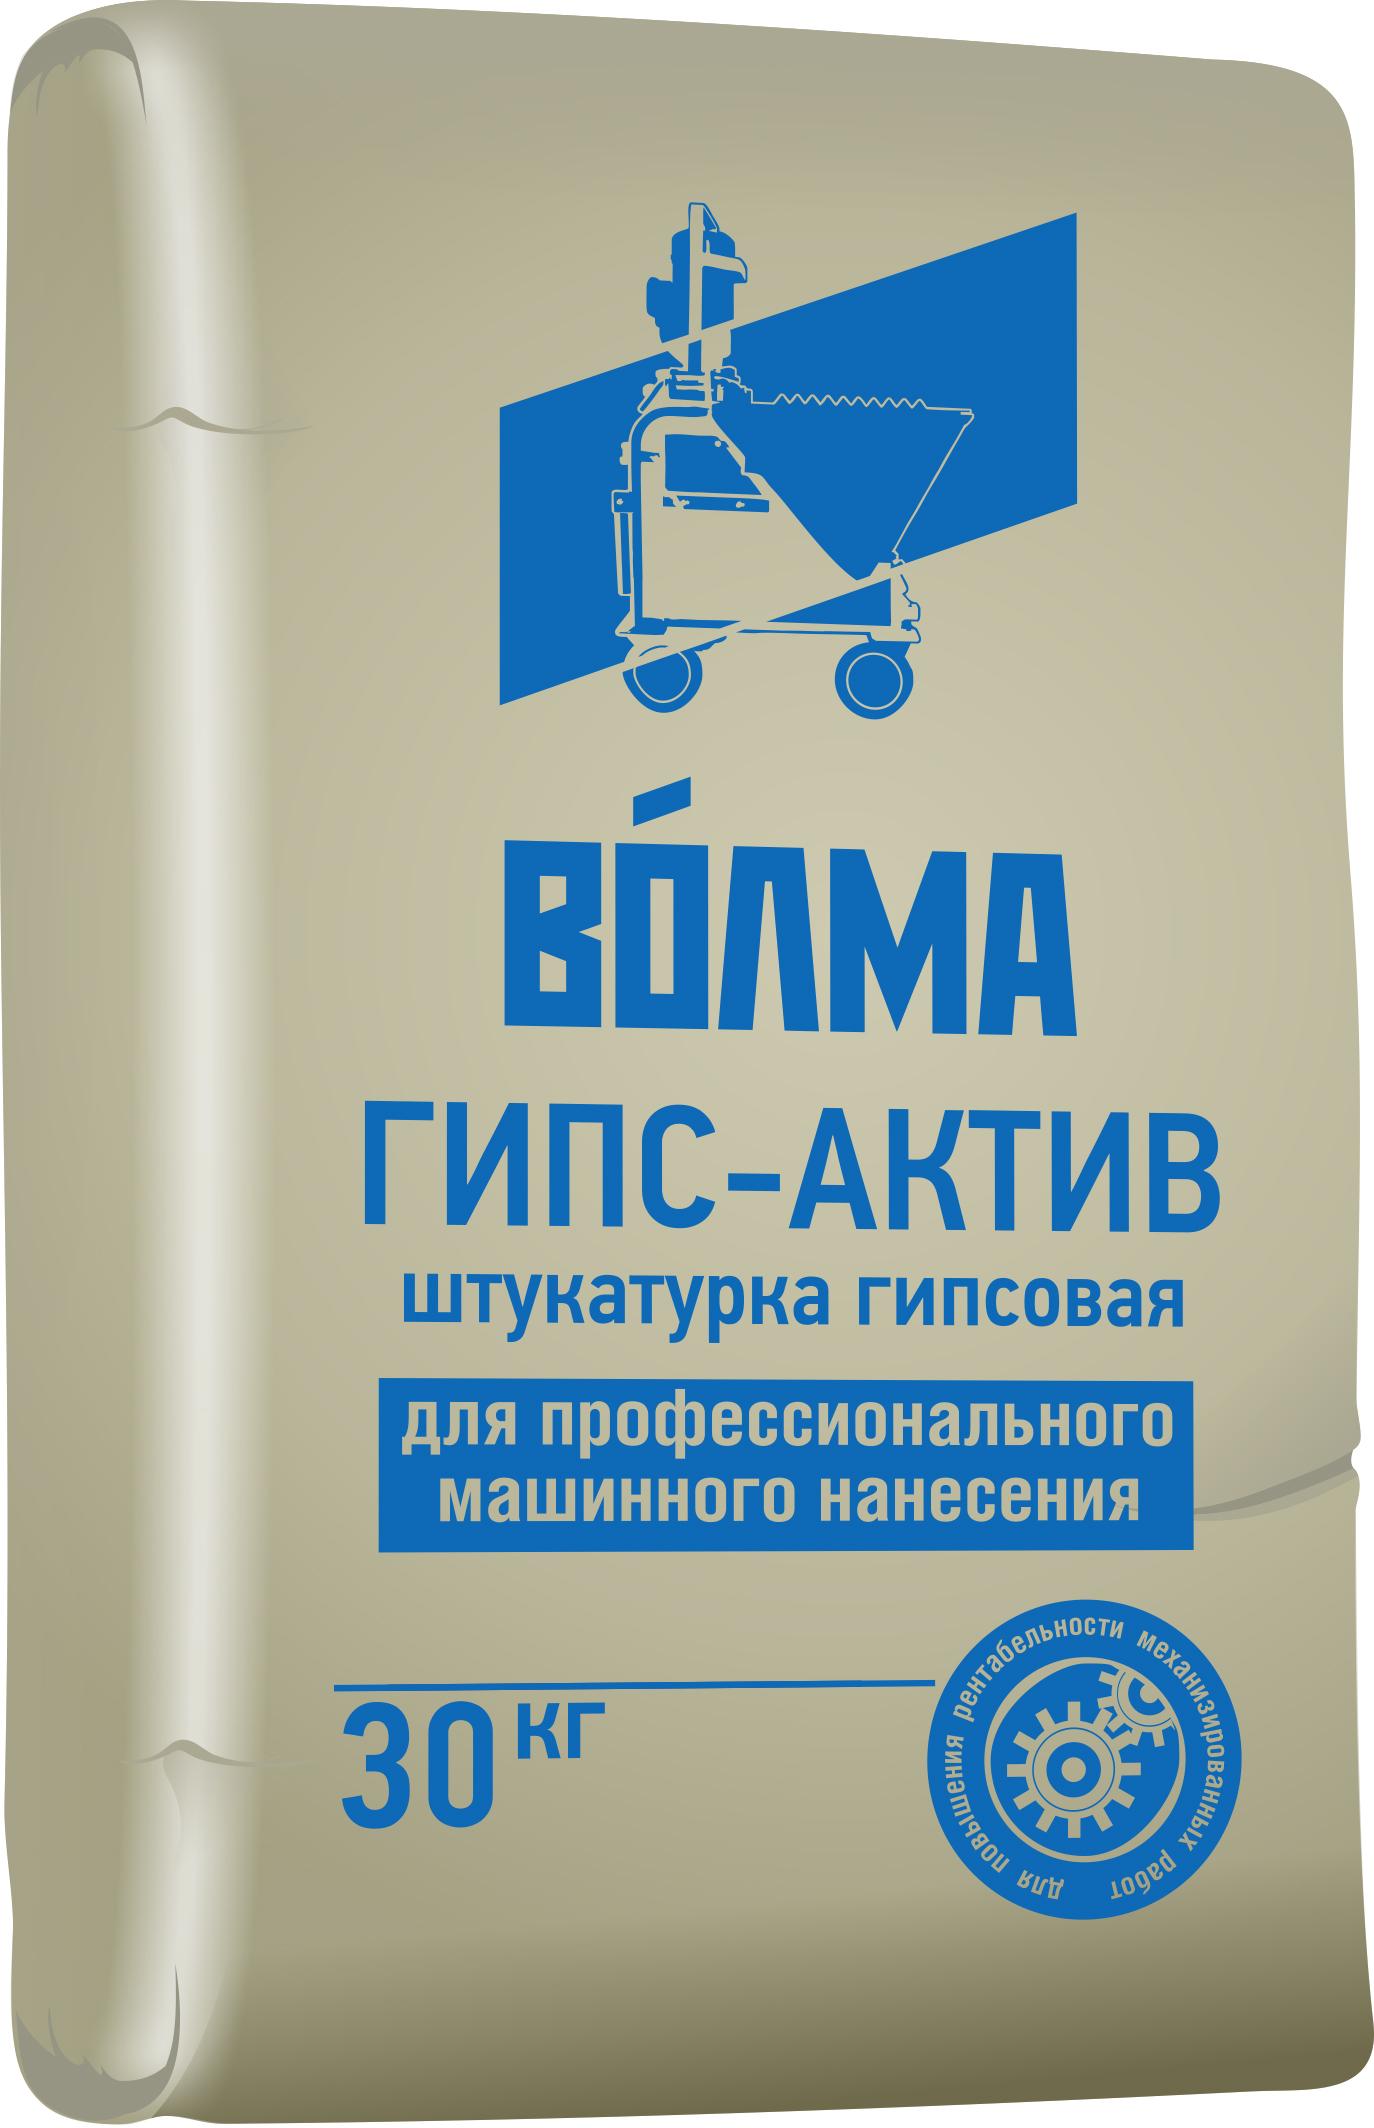 Купить Штукатурка гипсовая для машинного нанесения легкая Волма Гипс-Актив (серая), 30 кг — Фото №1